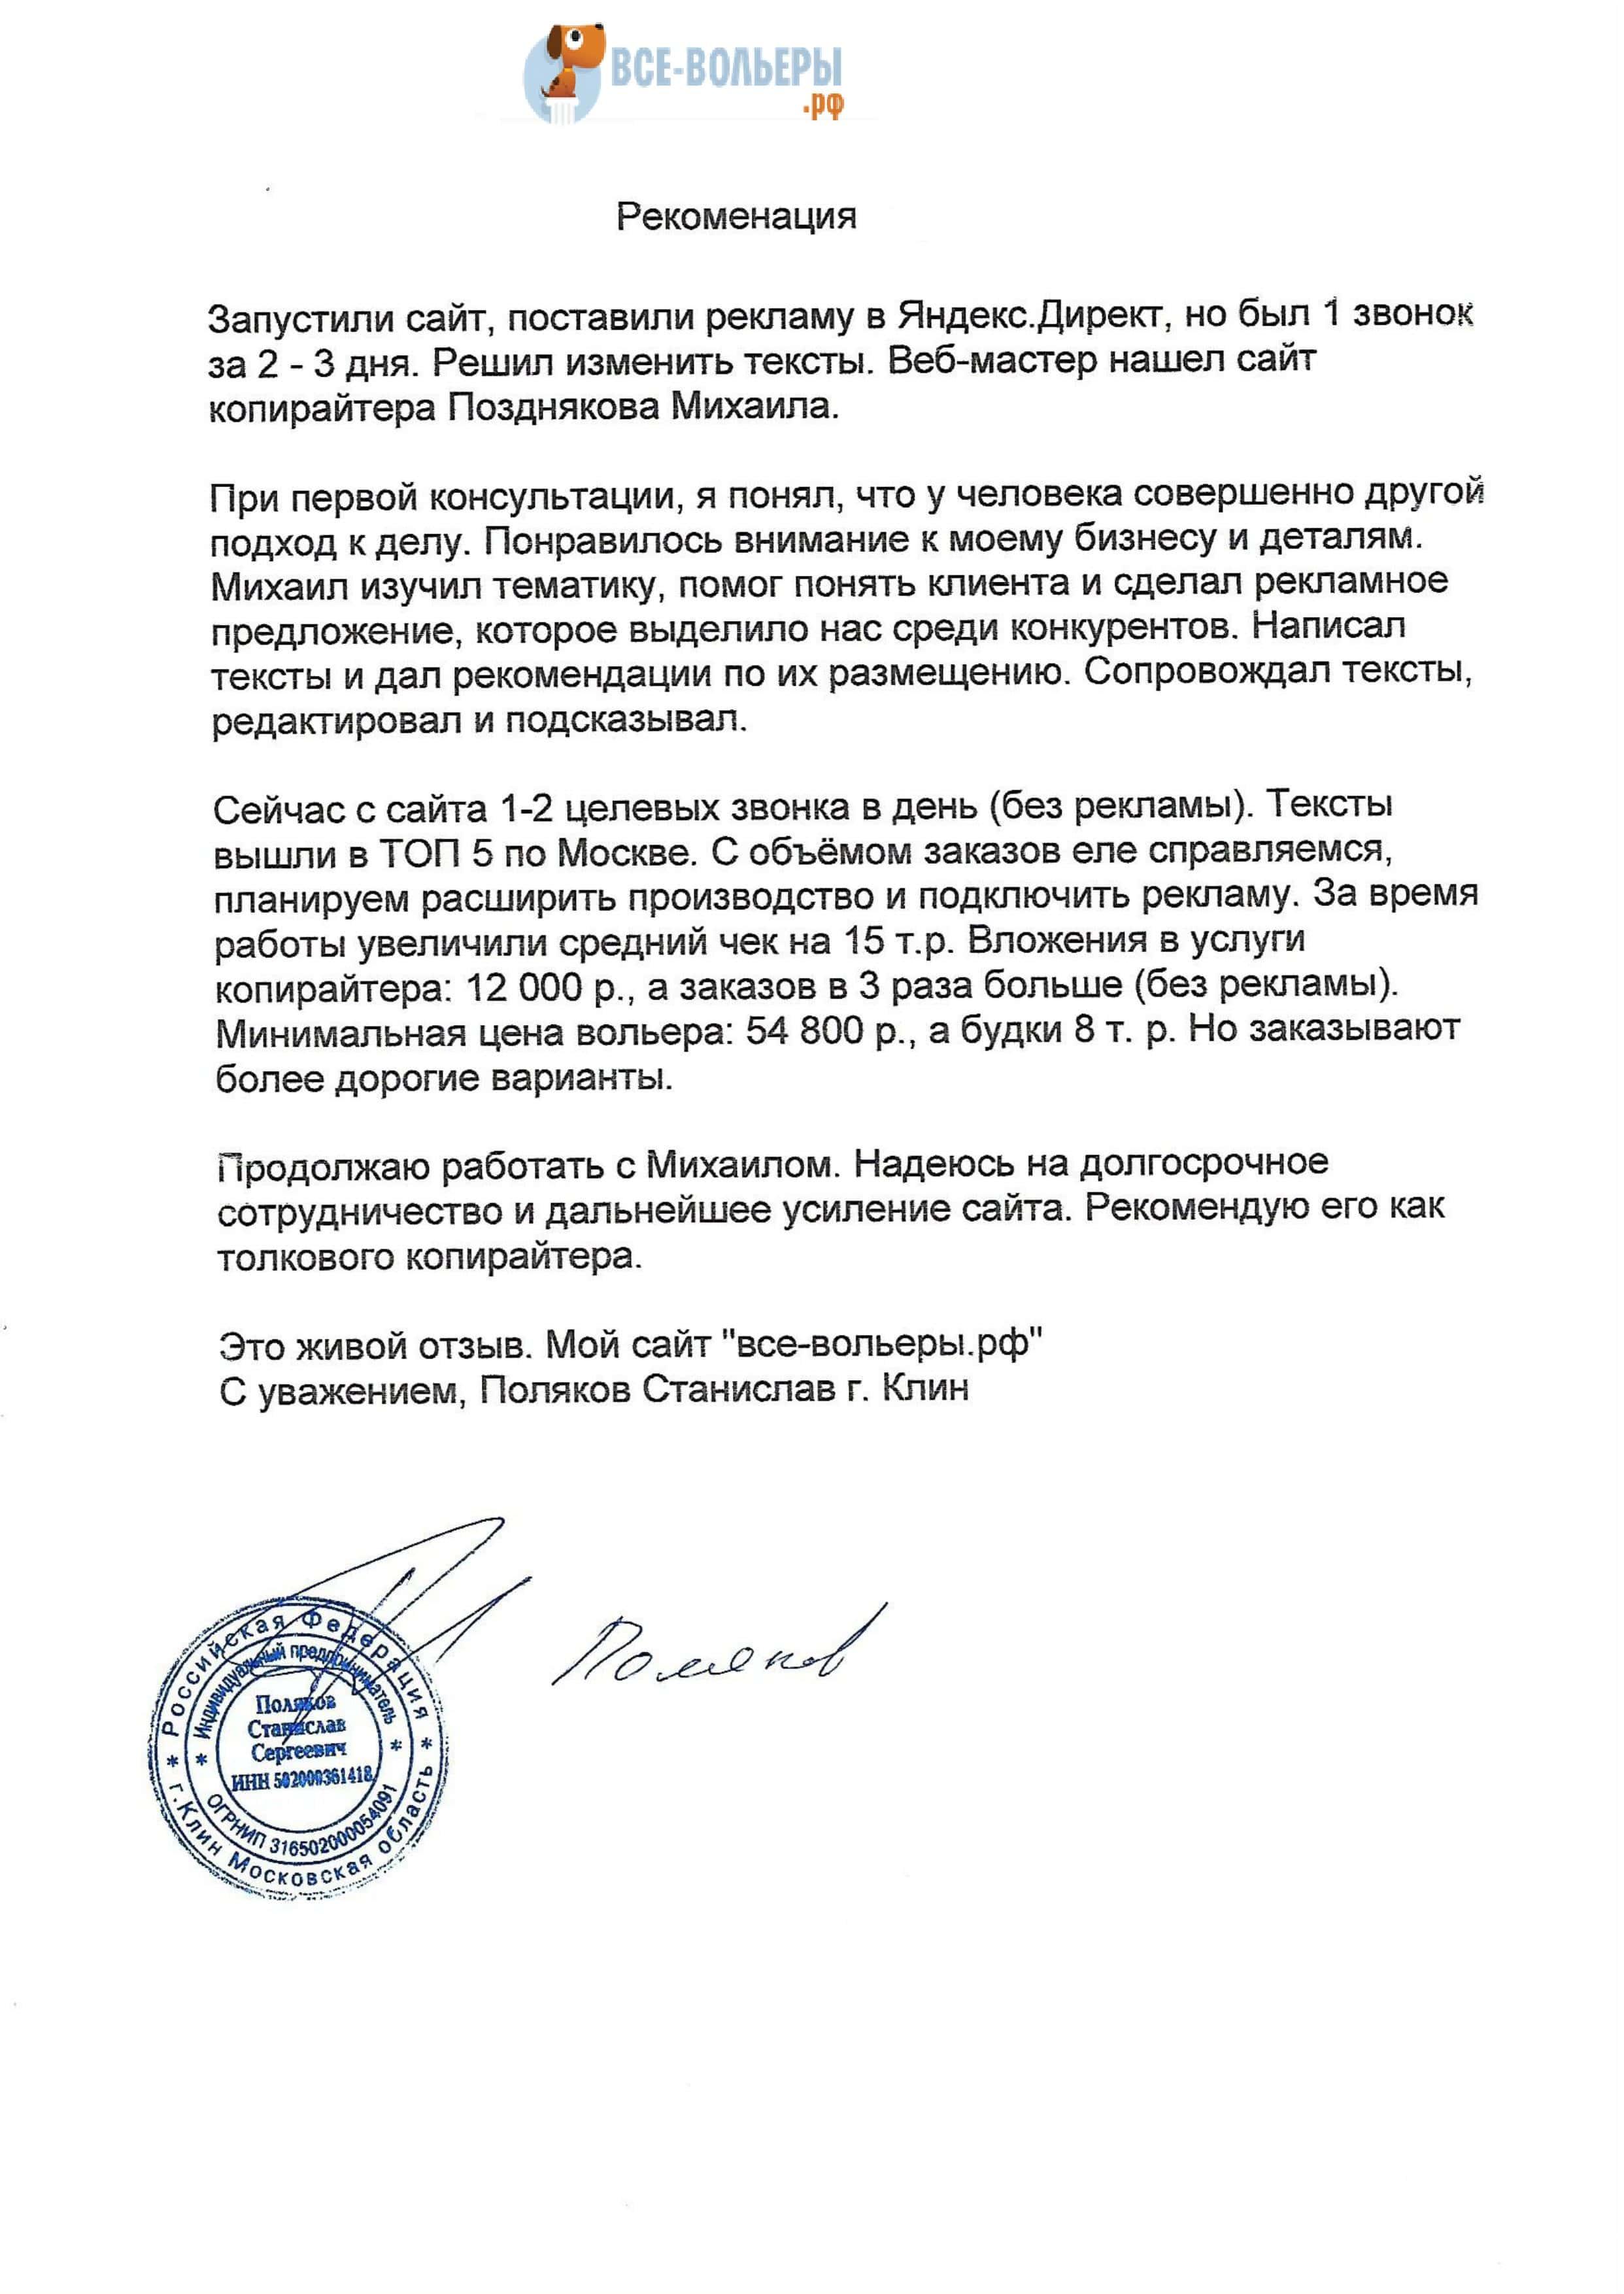 Рекомендация Поздняков Михаил (копирайтер)-min